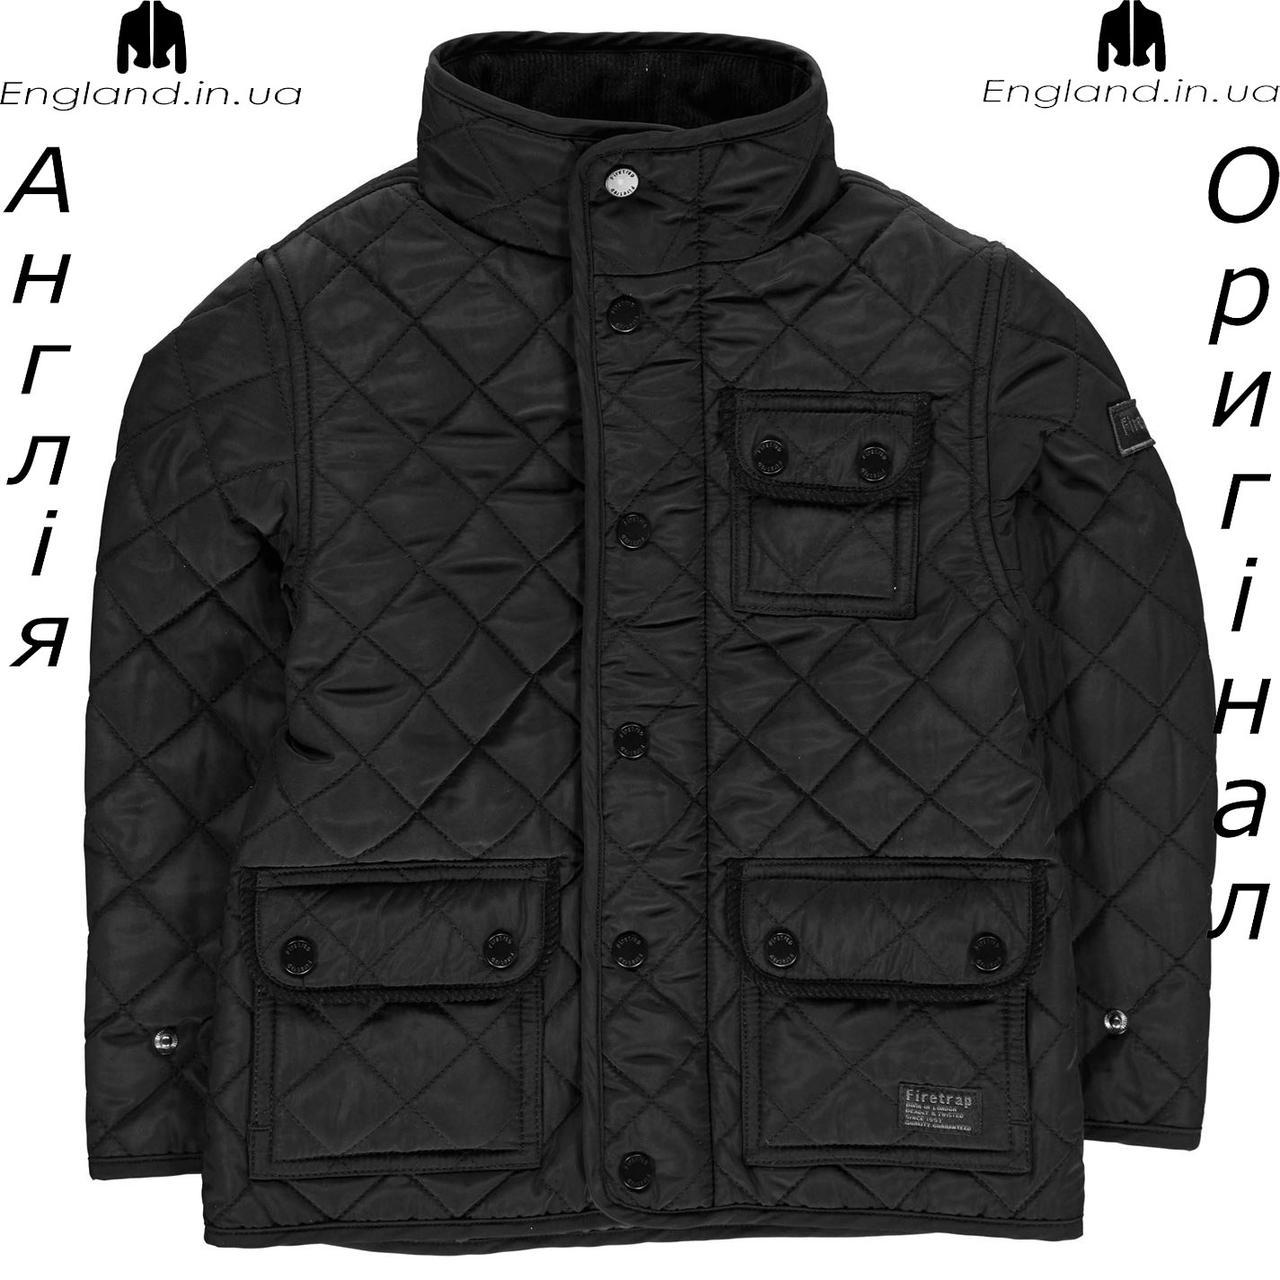 Куртка Firetrap из Англии для мальчиков 2-14 лет - стеганая